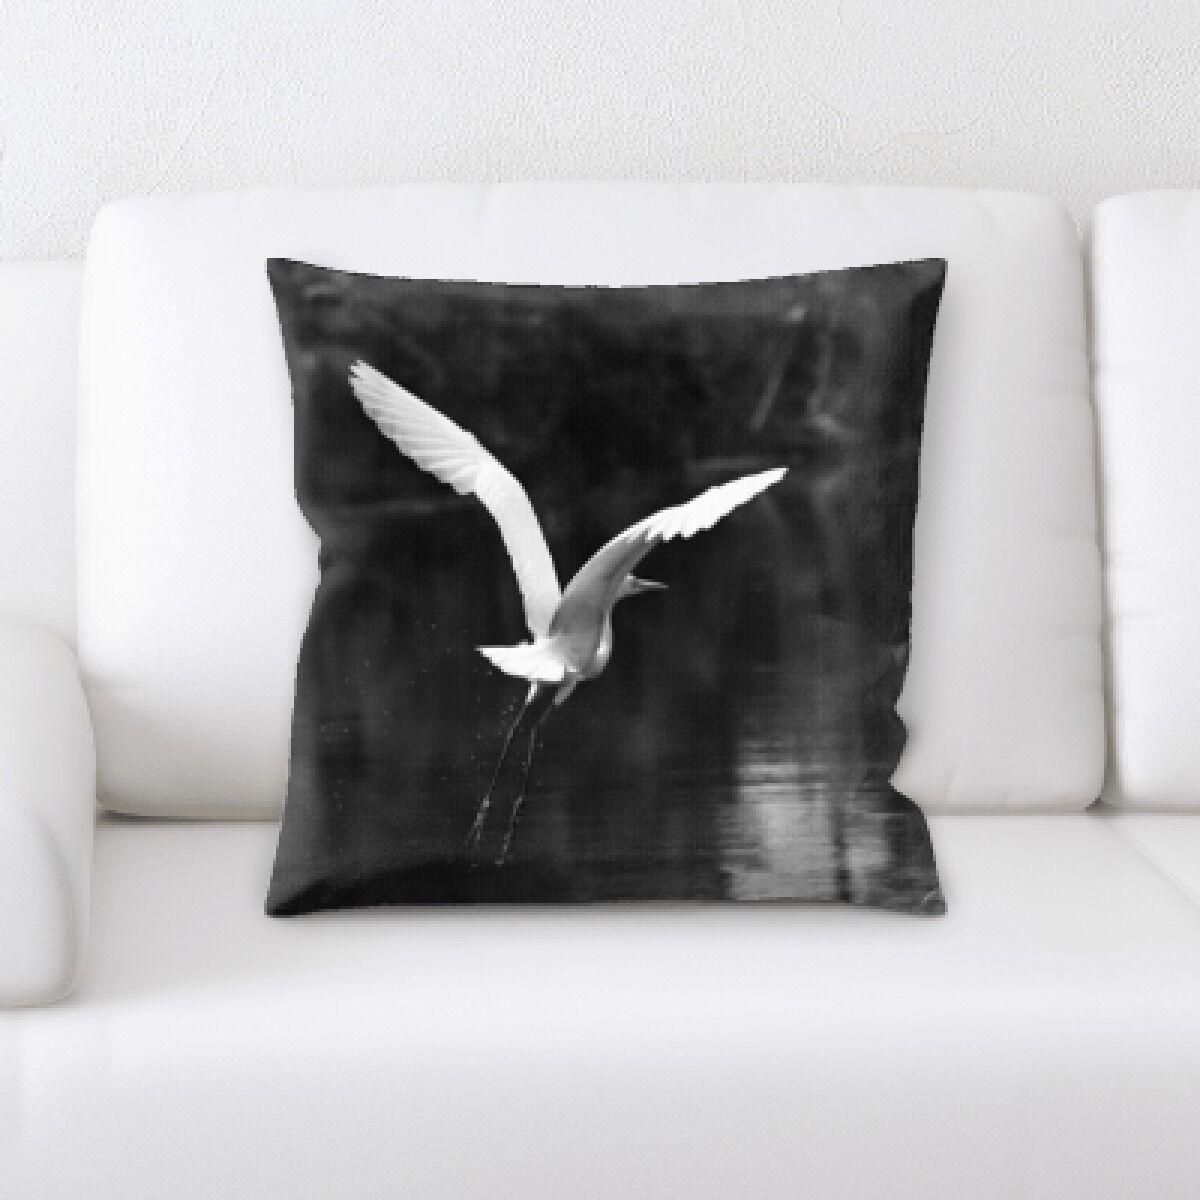 Cirillo Bird Flying Over The River Throw Pillow